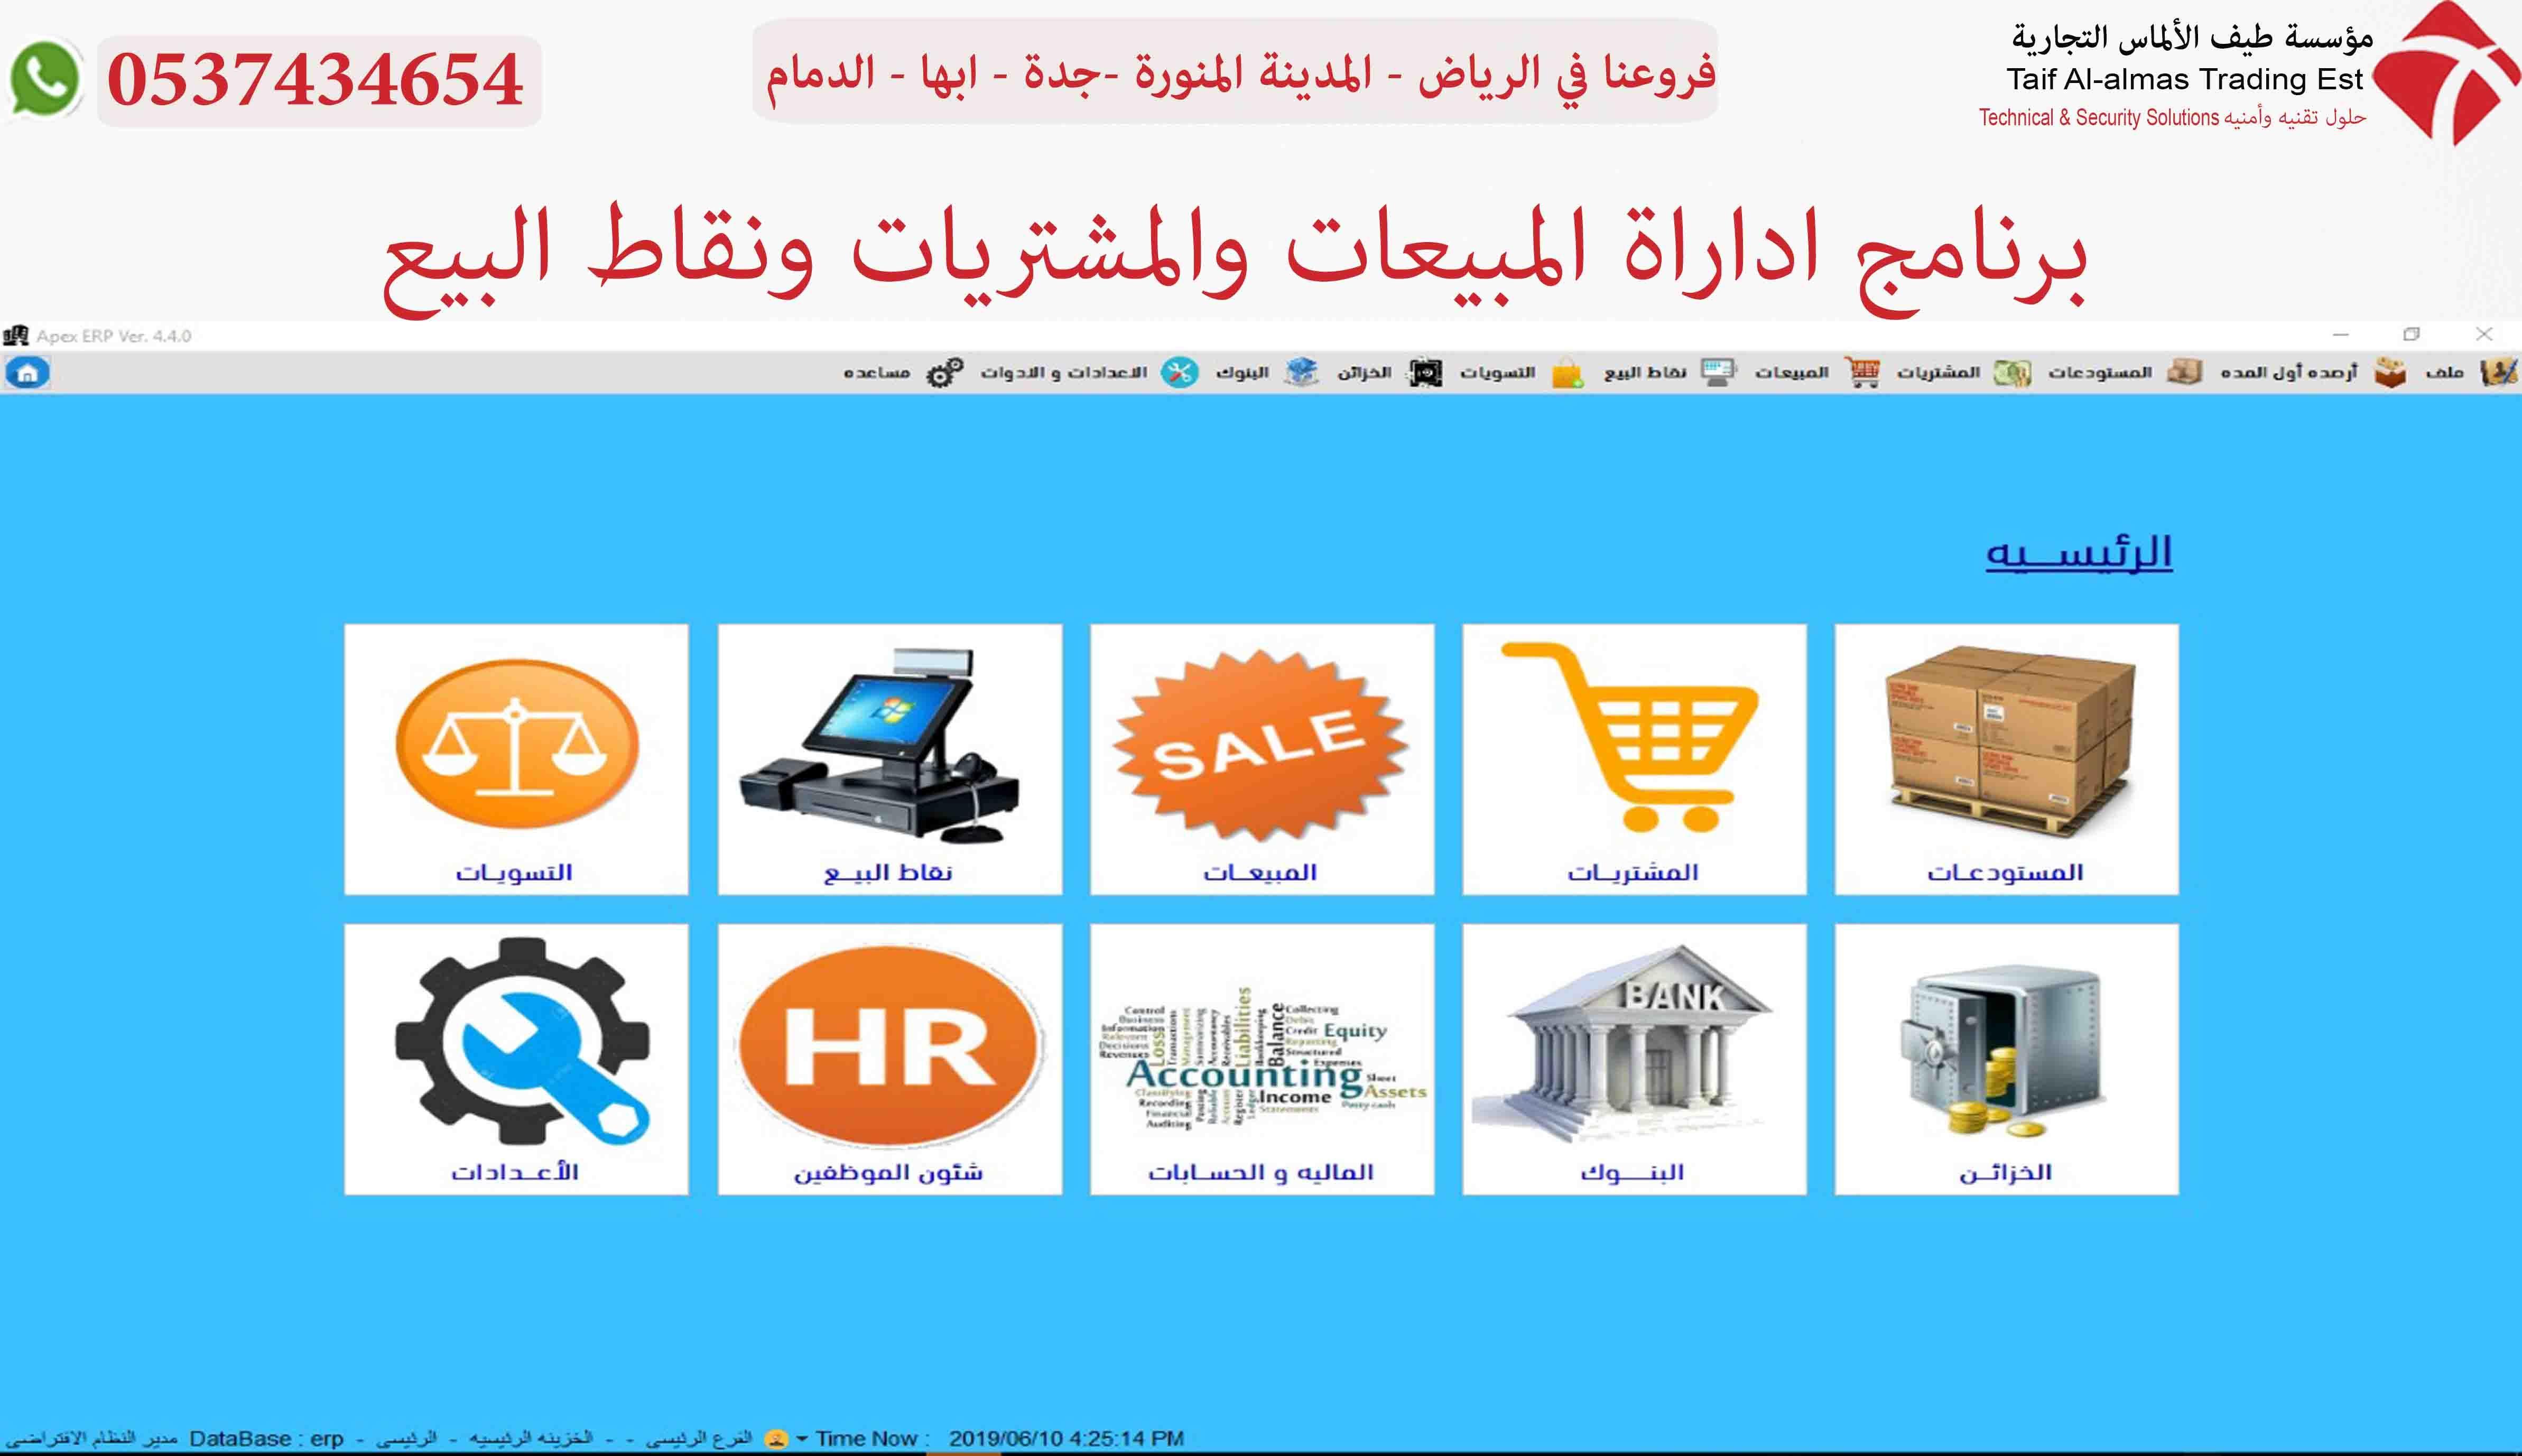 نظام ادارة و برنامج مخازن و مبيعات ونقاط بيع Taif Abs Trading